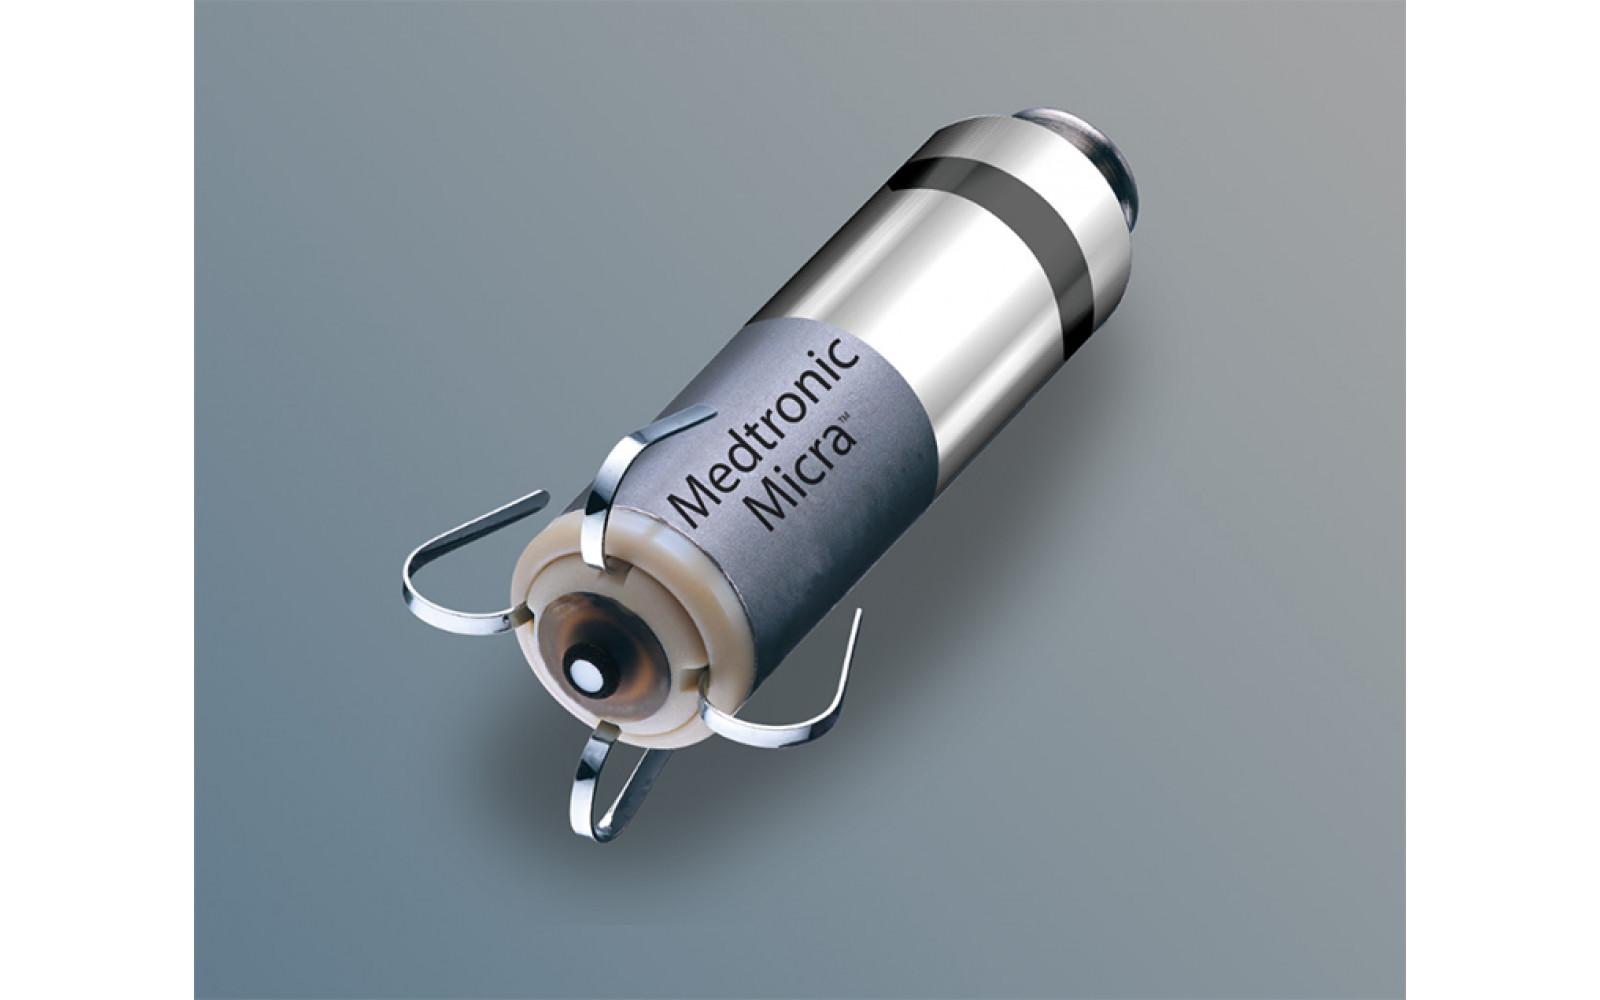 Транскатетерний кардіостимулятор Micra